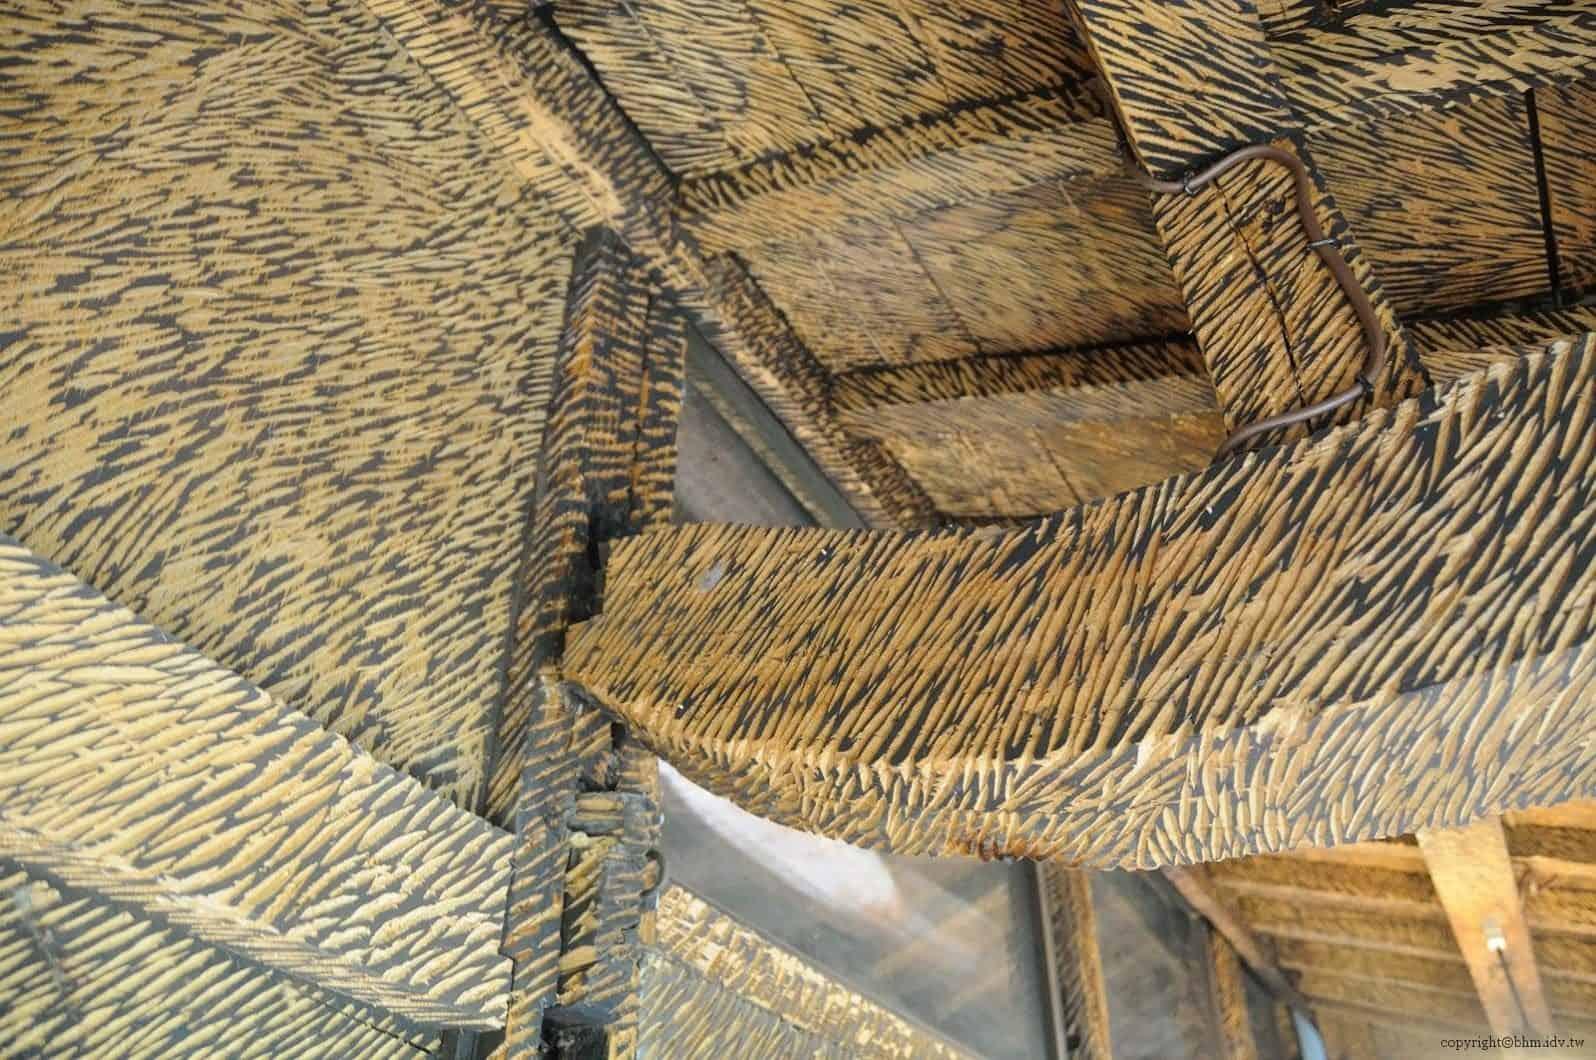 鞍掛純一+日本藝術大學雕刻組志工,脫皮之家,內部由於長年仰賴地火爐與爐灶生活,內牆全都被燻黑。透過彫刻後顯示出木頭原色,近看屋樑時可看得出每刀的下筆力道 脫皮之家 脫皮之家 sheding house 03 0x0